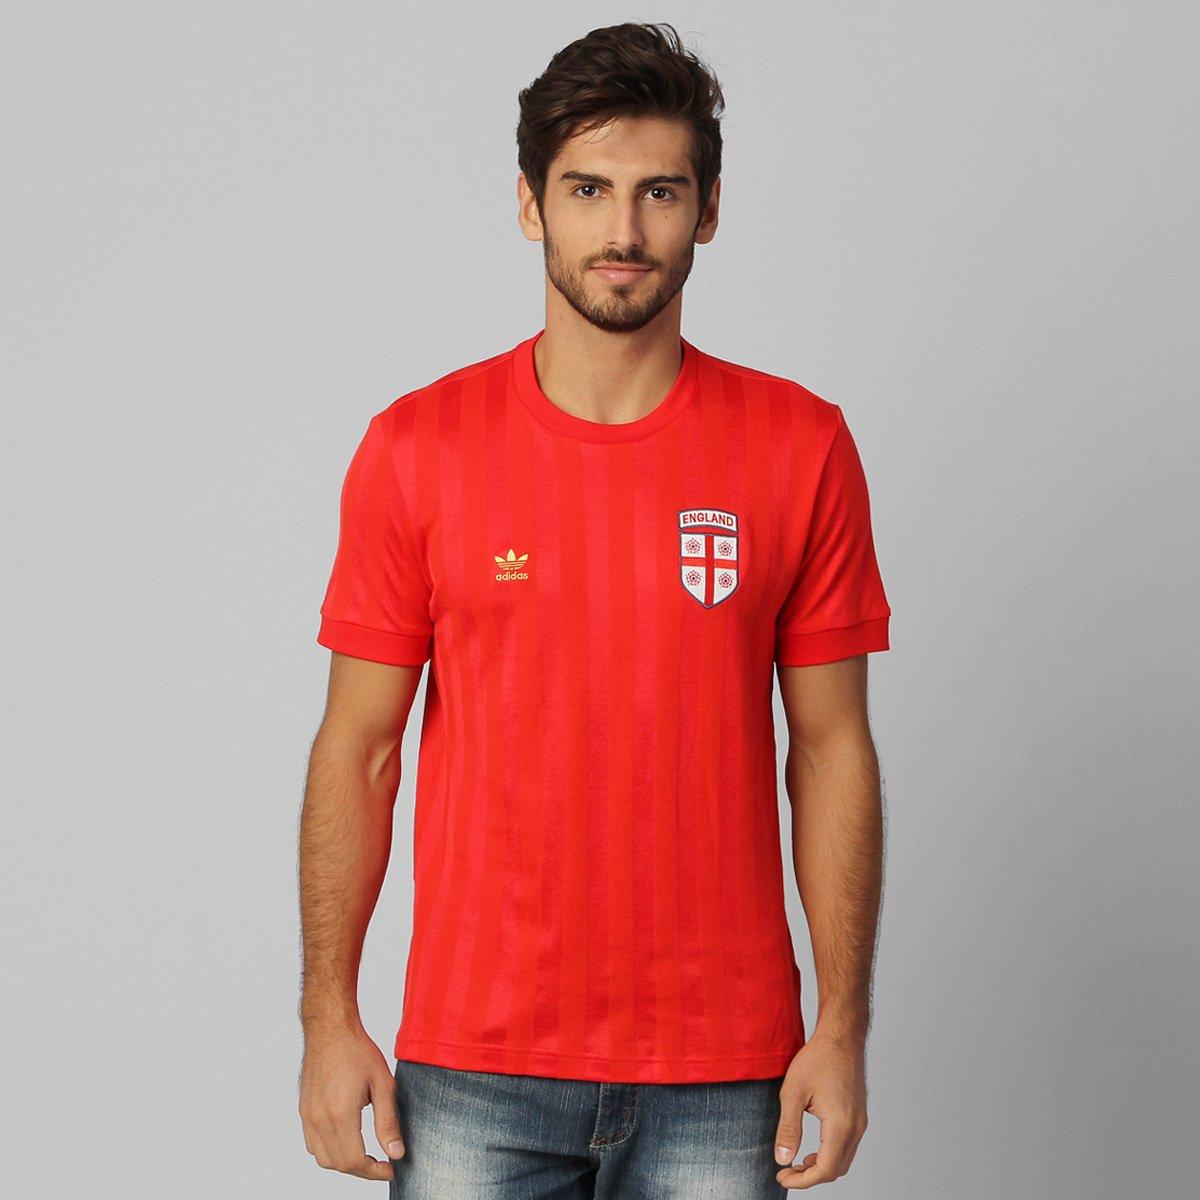 ac25d6d7cb7dd Camiseta Adidas Inglaterra Retrô - Compre Agora